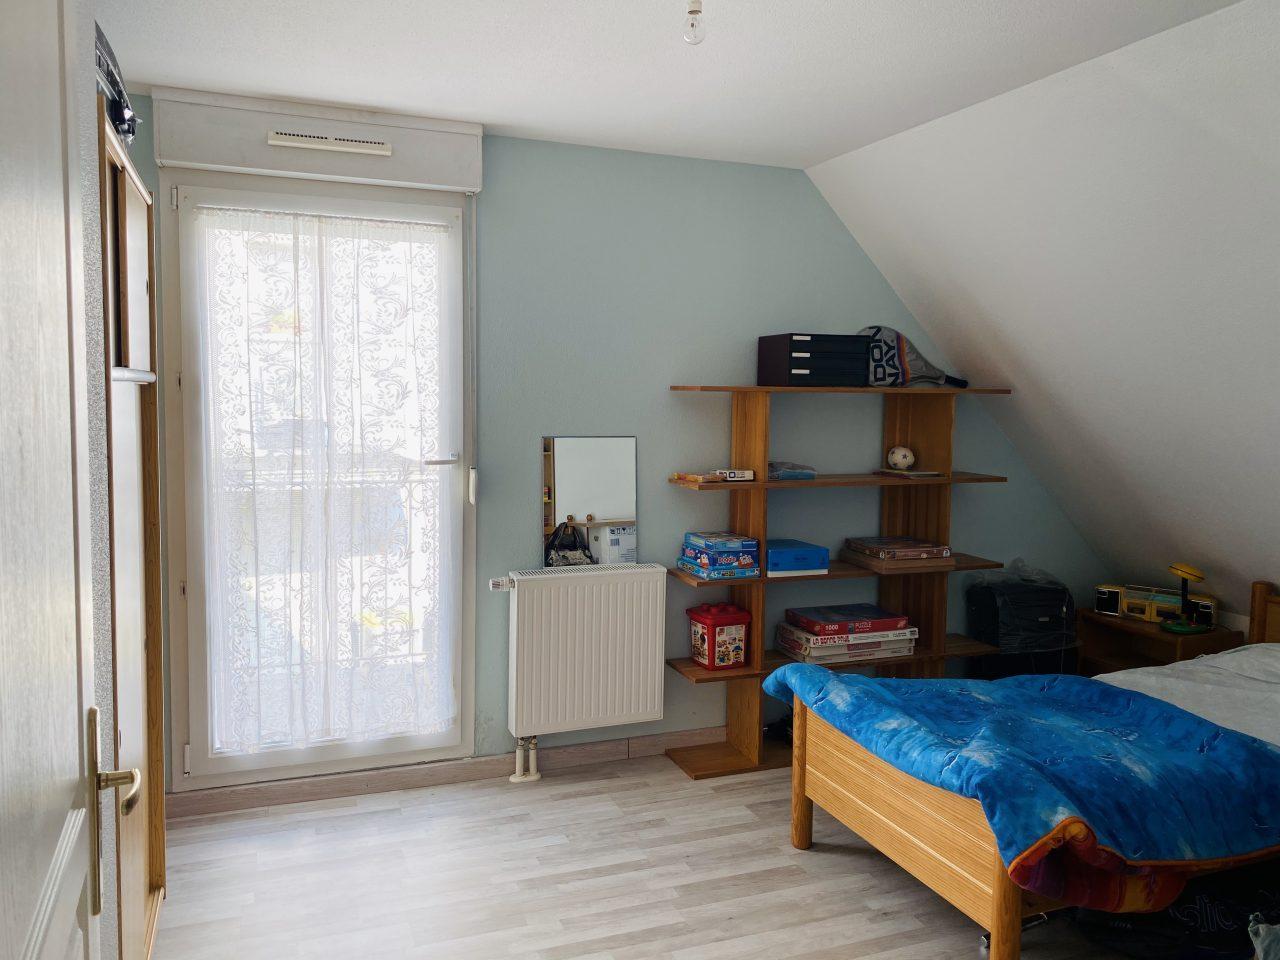 Haguenau, belle maison mitoyenne 5 pièces à 10 min à pied de la gare. Vidéo disponible